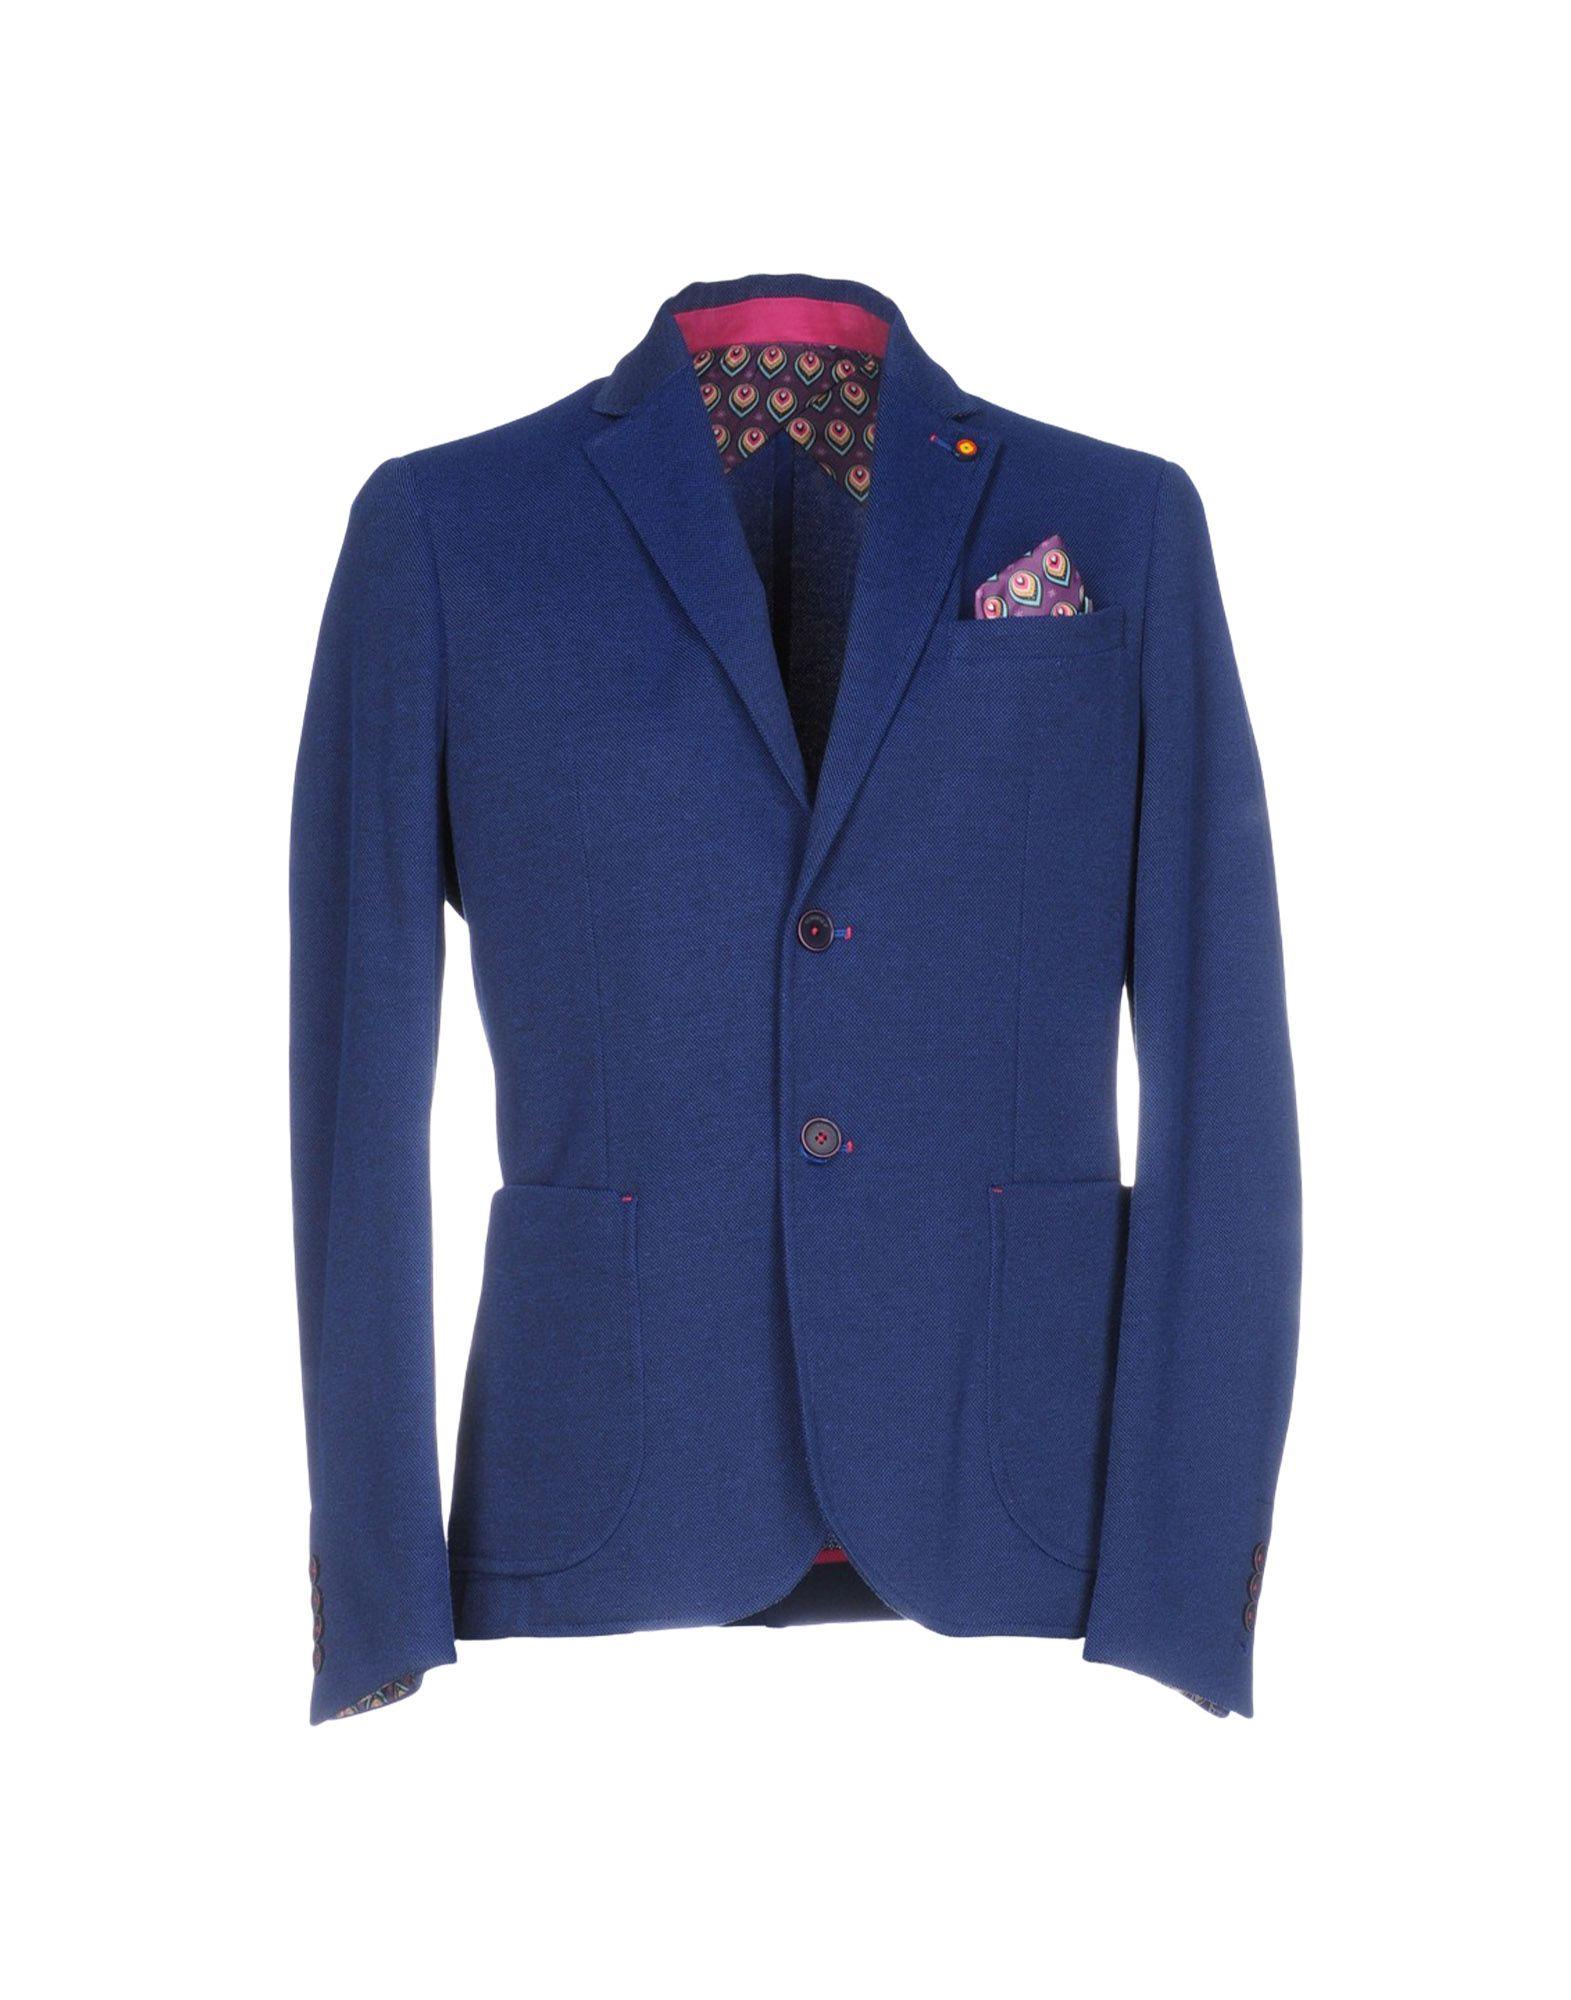 ROBERTO P Luxury Herren Jackett Farbe Blau Größe 3